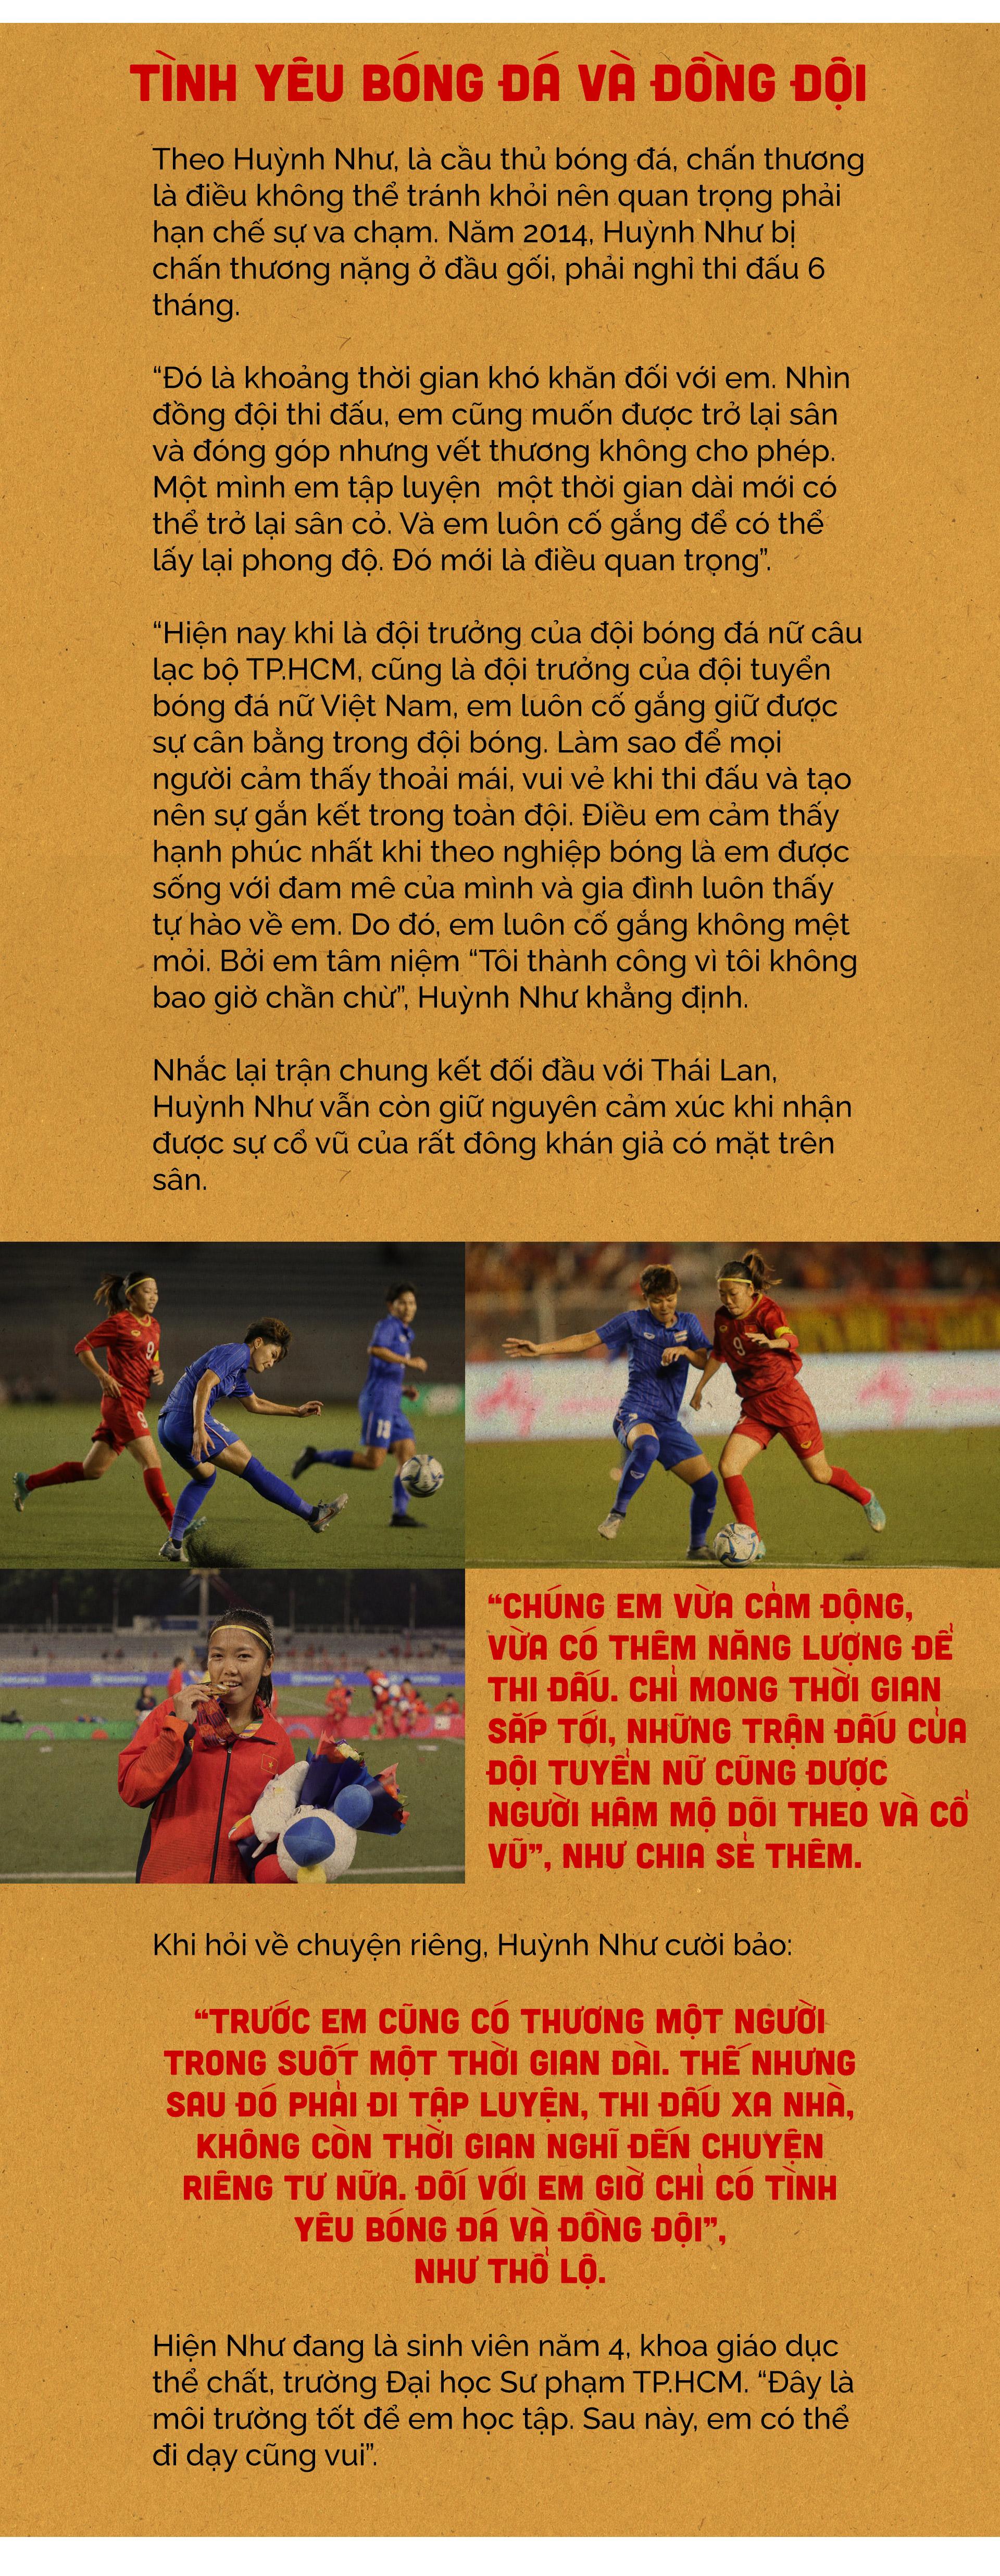 Nữ cầu thủ Huỳnh Như: Bóng đá là tình yêu của tôi - ảnh 4